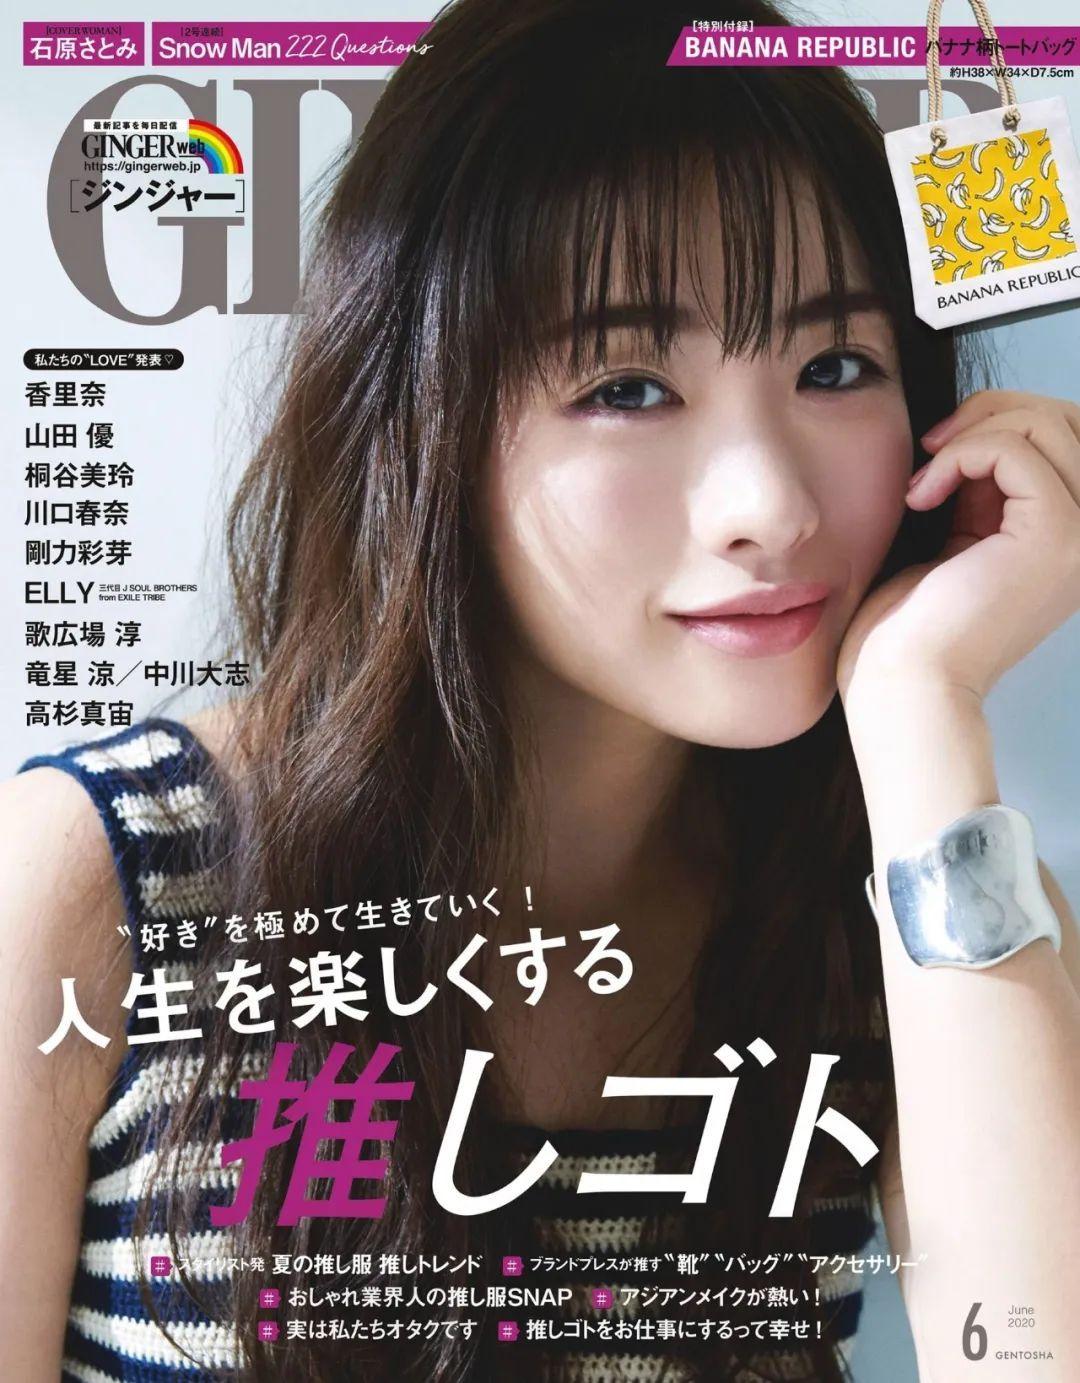 石原里美『が推される理由』杂志写真_图片 No.1